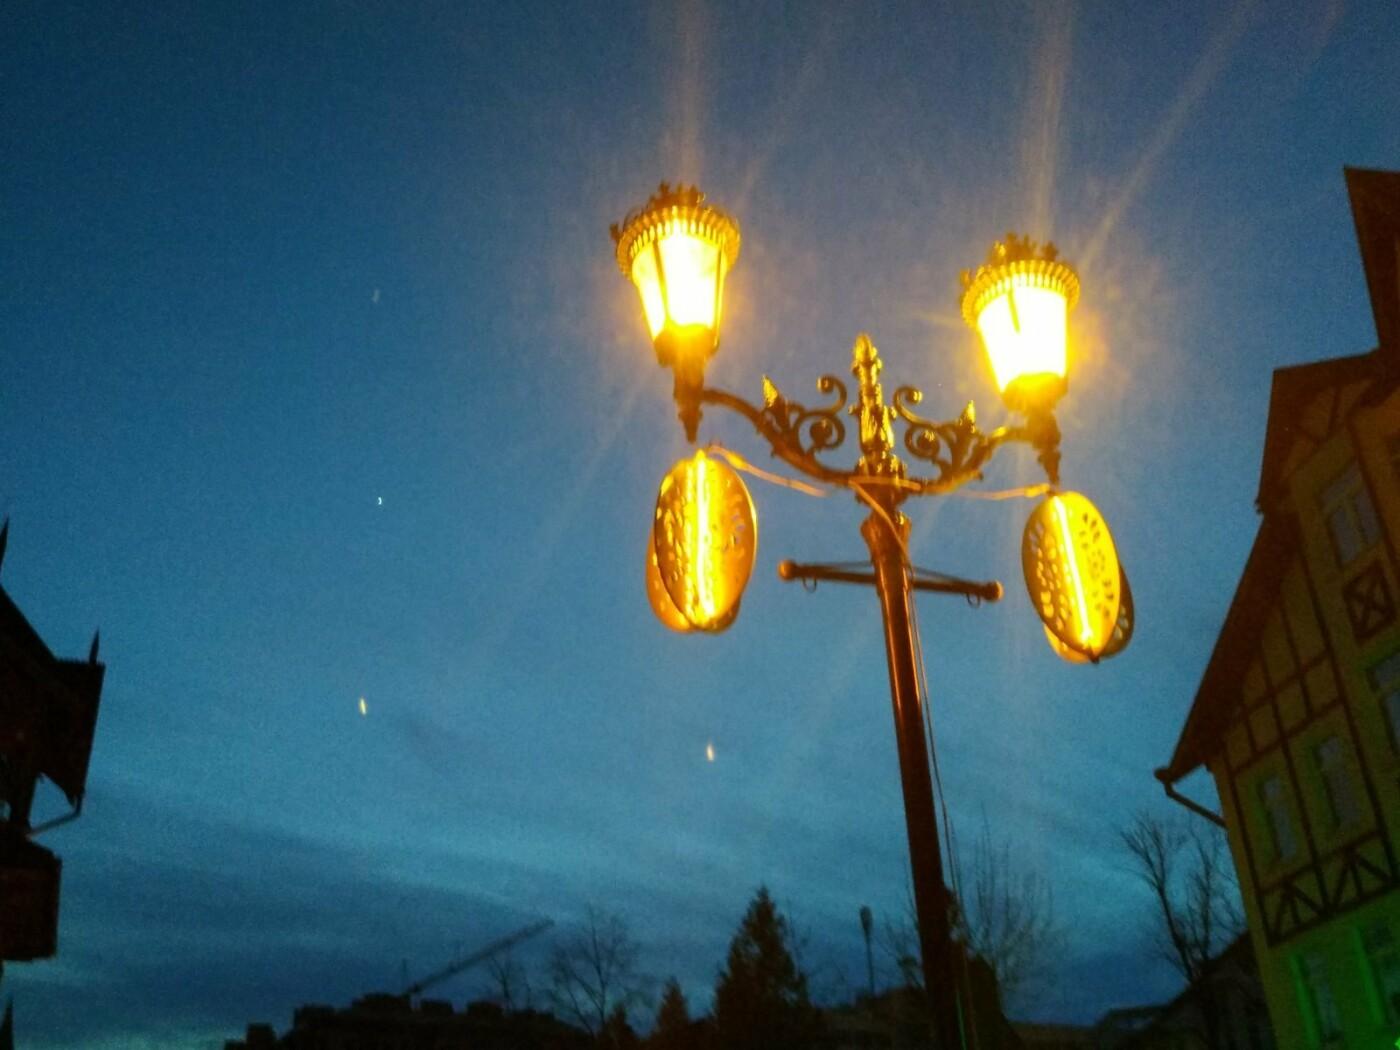 Дивовижний Трускавець: вечірній фотоогляд центральної частини міста-курорту, фото-15, Фото - 03247.com.ua